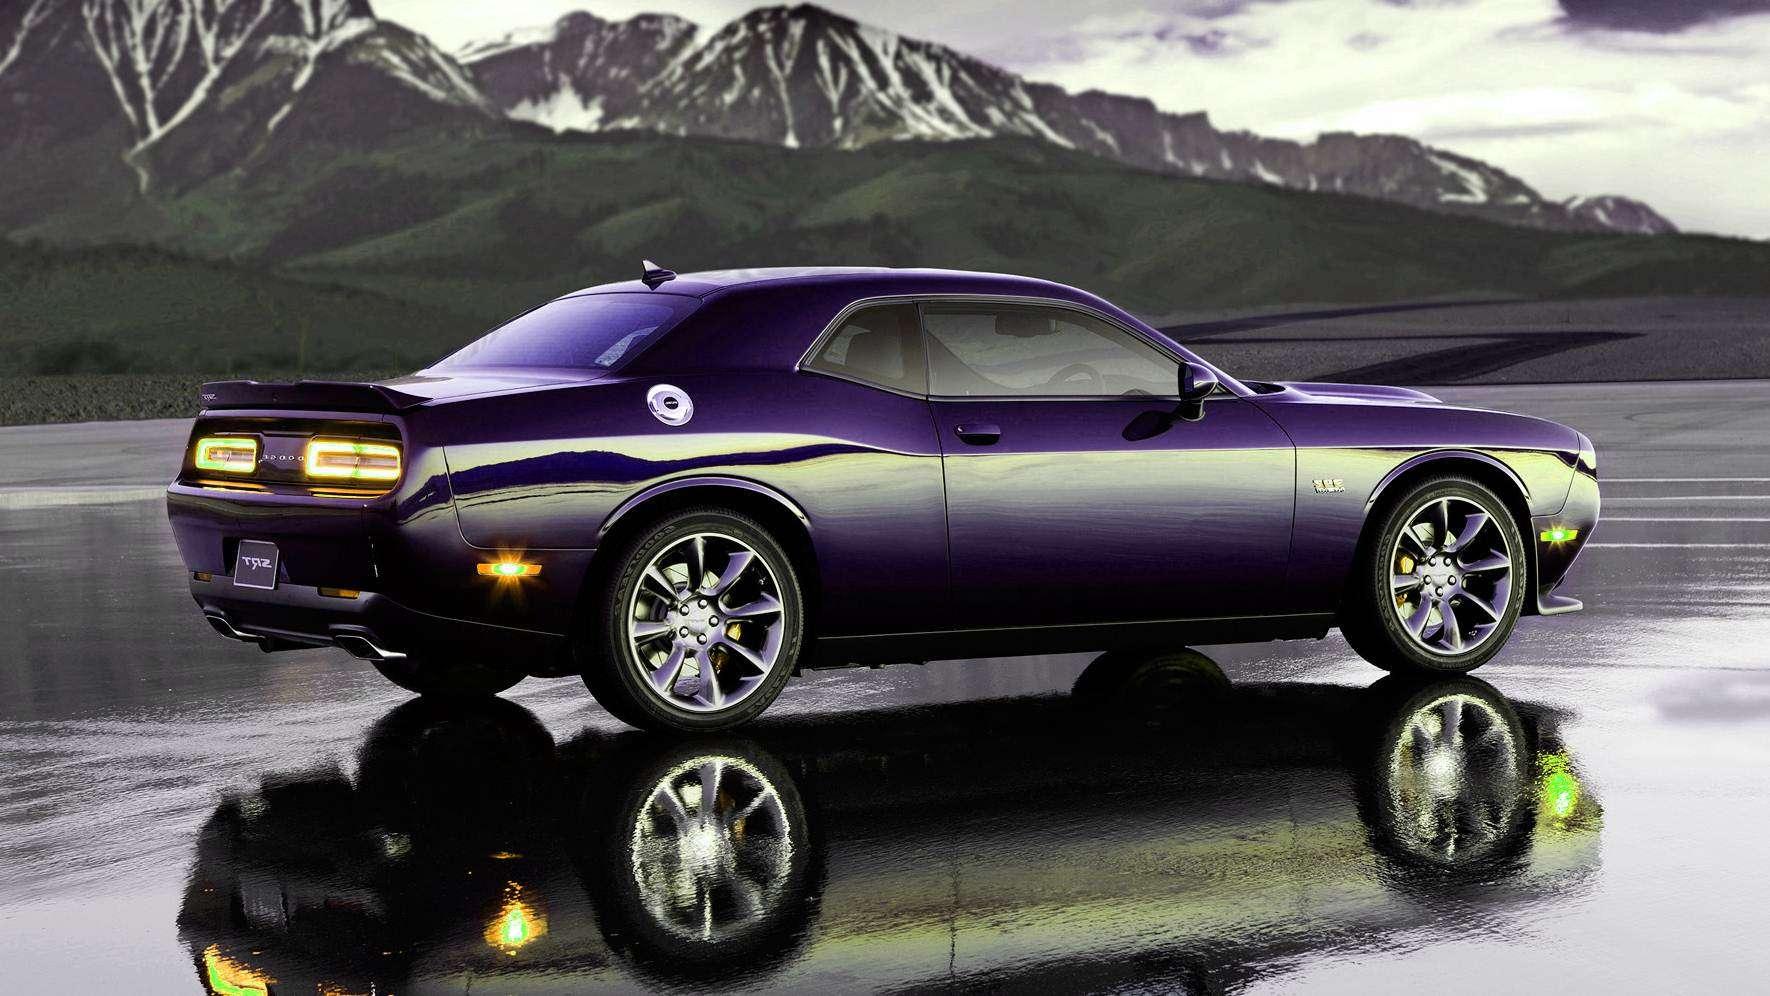 2016 Dodge Challenger Hellcat Wallpaper